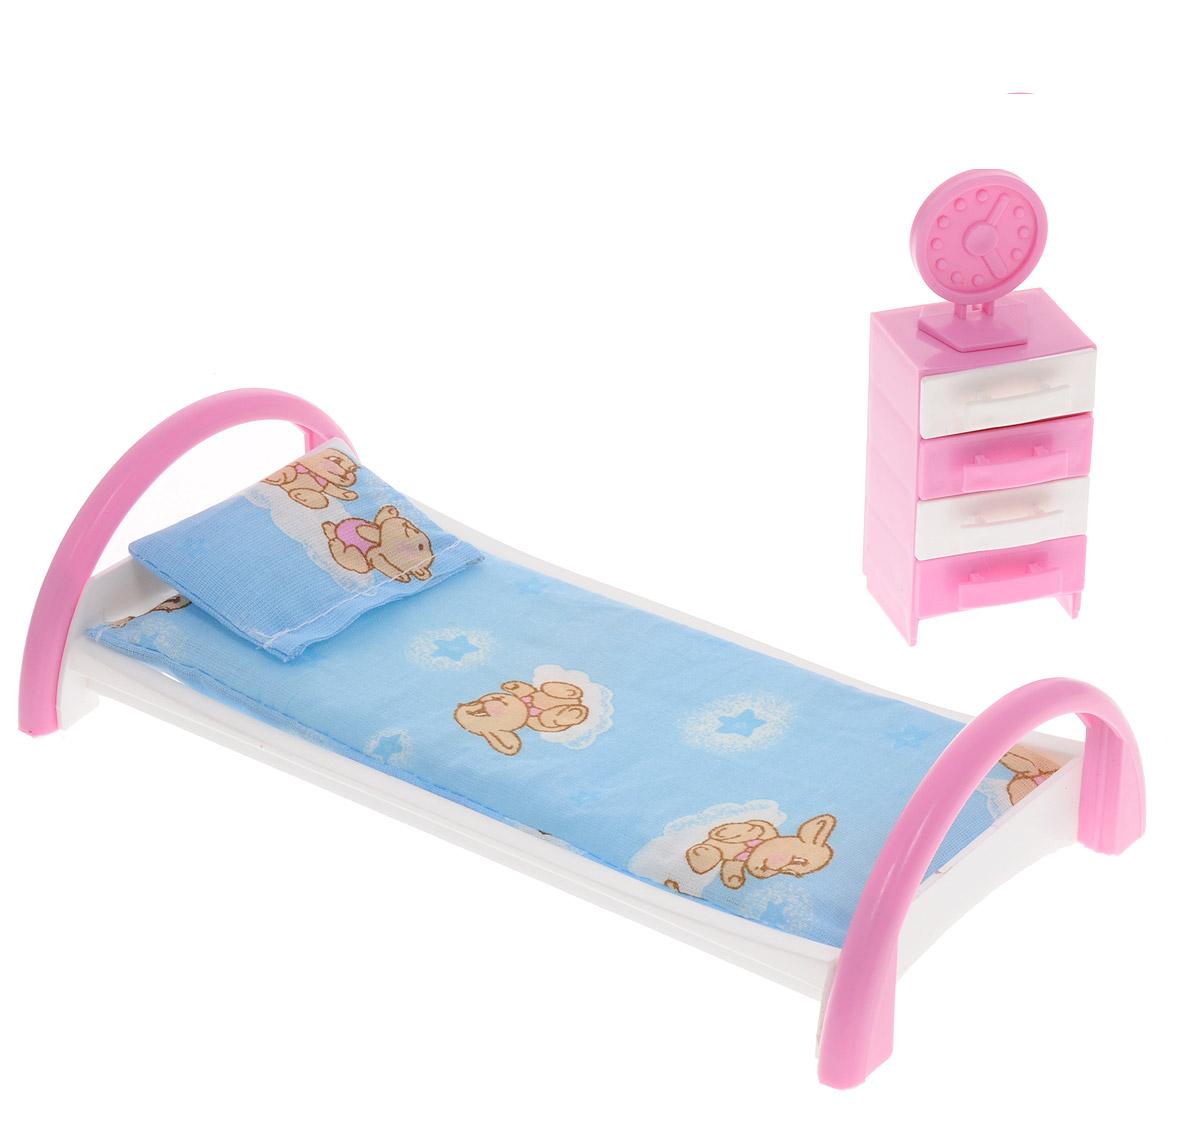 Форма Набор мебели для кукол Кровать с тумбочкой цвет голубойС-50-Ф_голубойМебель для кукол Форма Кровать с тумбочкой изготовлена для кукол не выше 20 см. Эти предметы мебели создают настоящий уют в кукольной спальне. Игровой набор мебели для куклы Кровать с тумбочкой включает в себя кроватку для куклы с постельным бельем на ней. В наборе есть тумбочка с ящичками. У тумбочки выдвигаются ящички, на кровати есть подушка и матрац. В набор входят часы, которые можно установить на тумбочку. Весь набор изготовлен из прочного и безопасного пластика. Порадуйте свою малышку таким замечательным подарком!